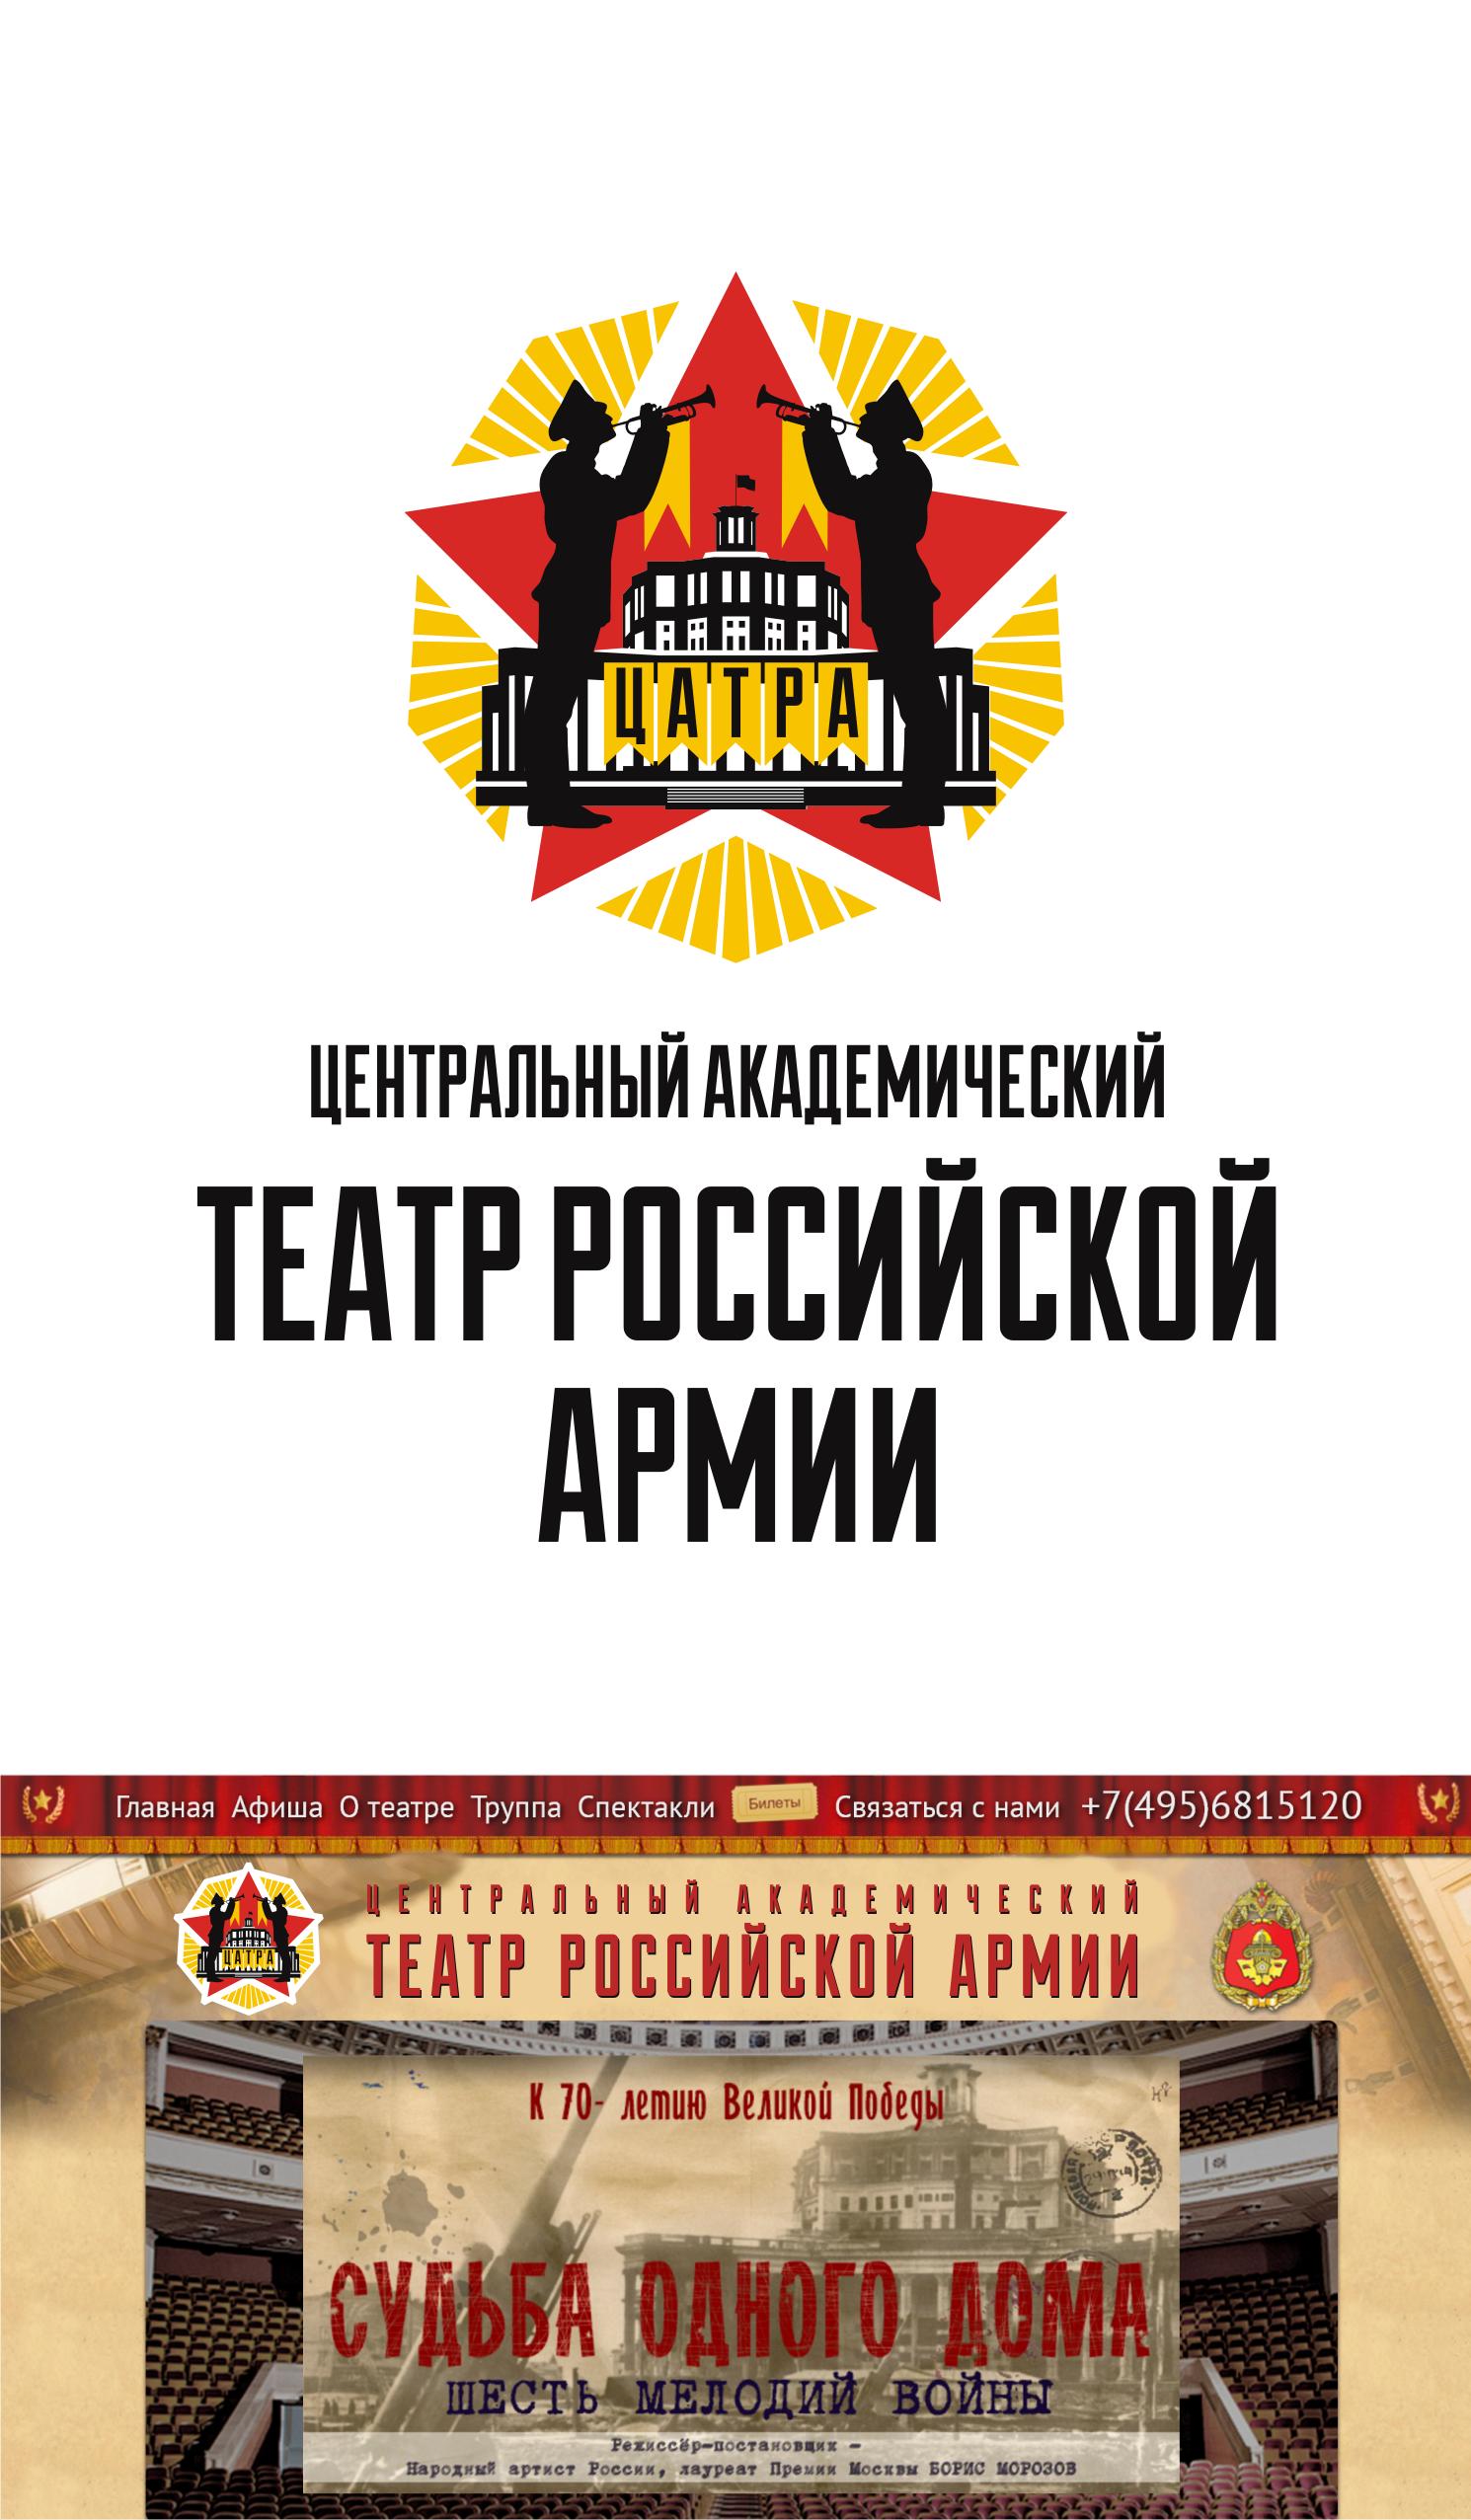 Разработка логотипа для Театра Российской Армии фото f_1215885f07f04ca2.png